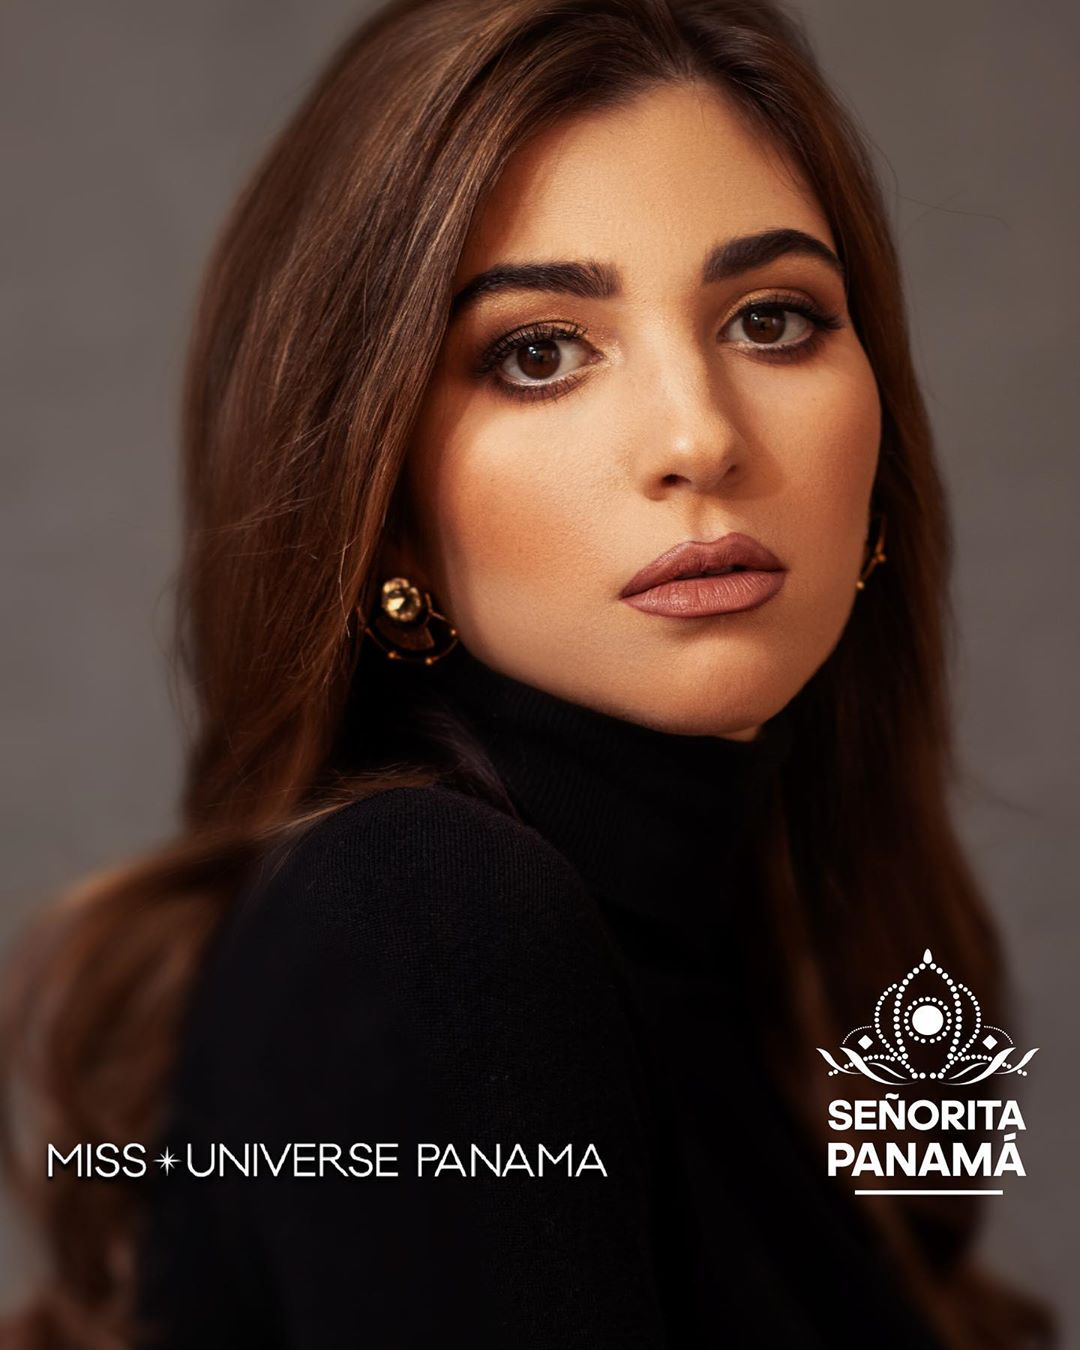 candidatas a senorita panama 2020. final: 16 may. IitTxb